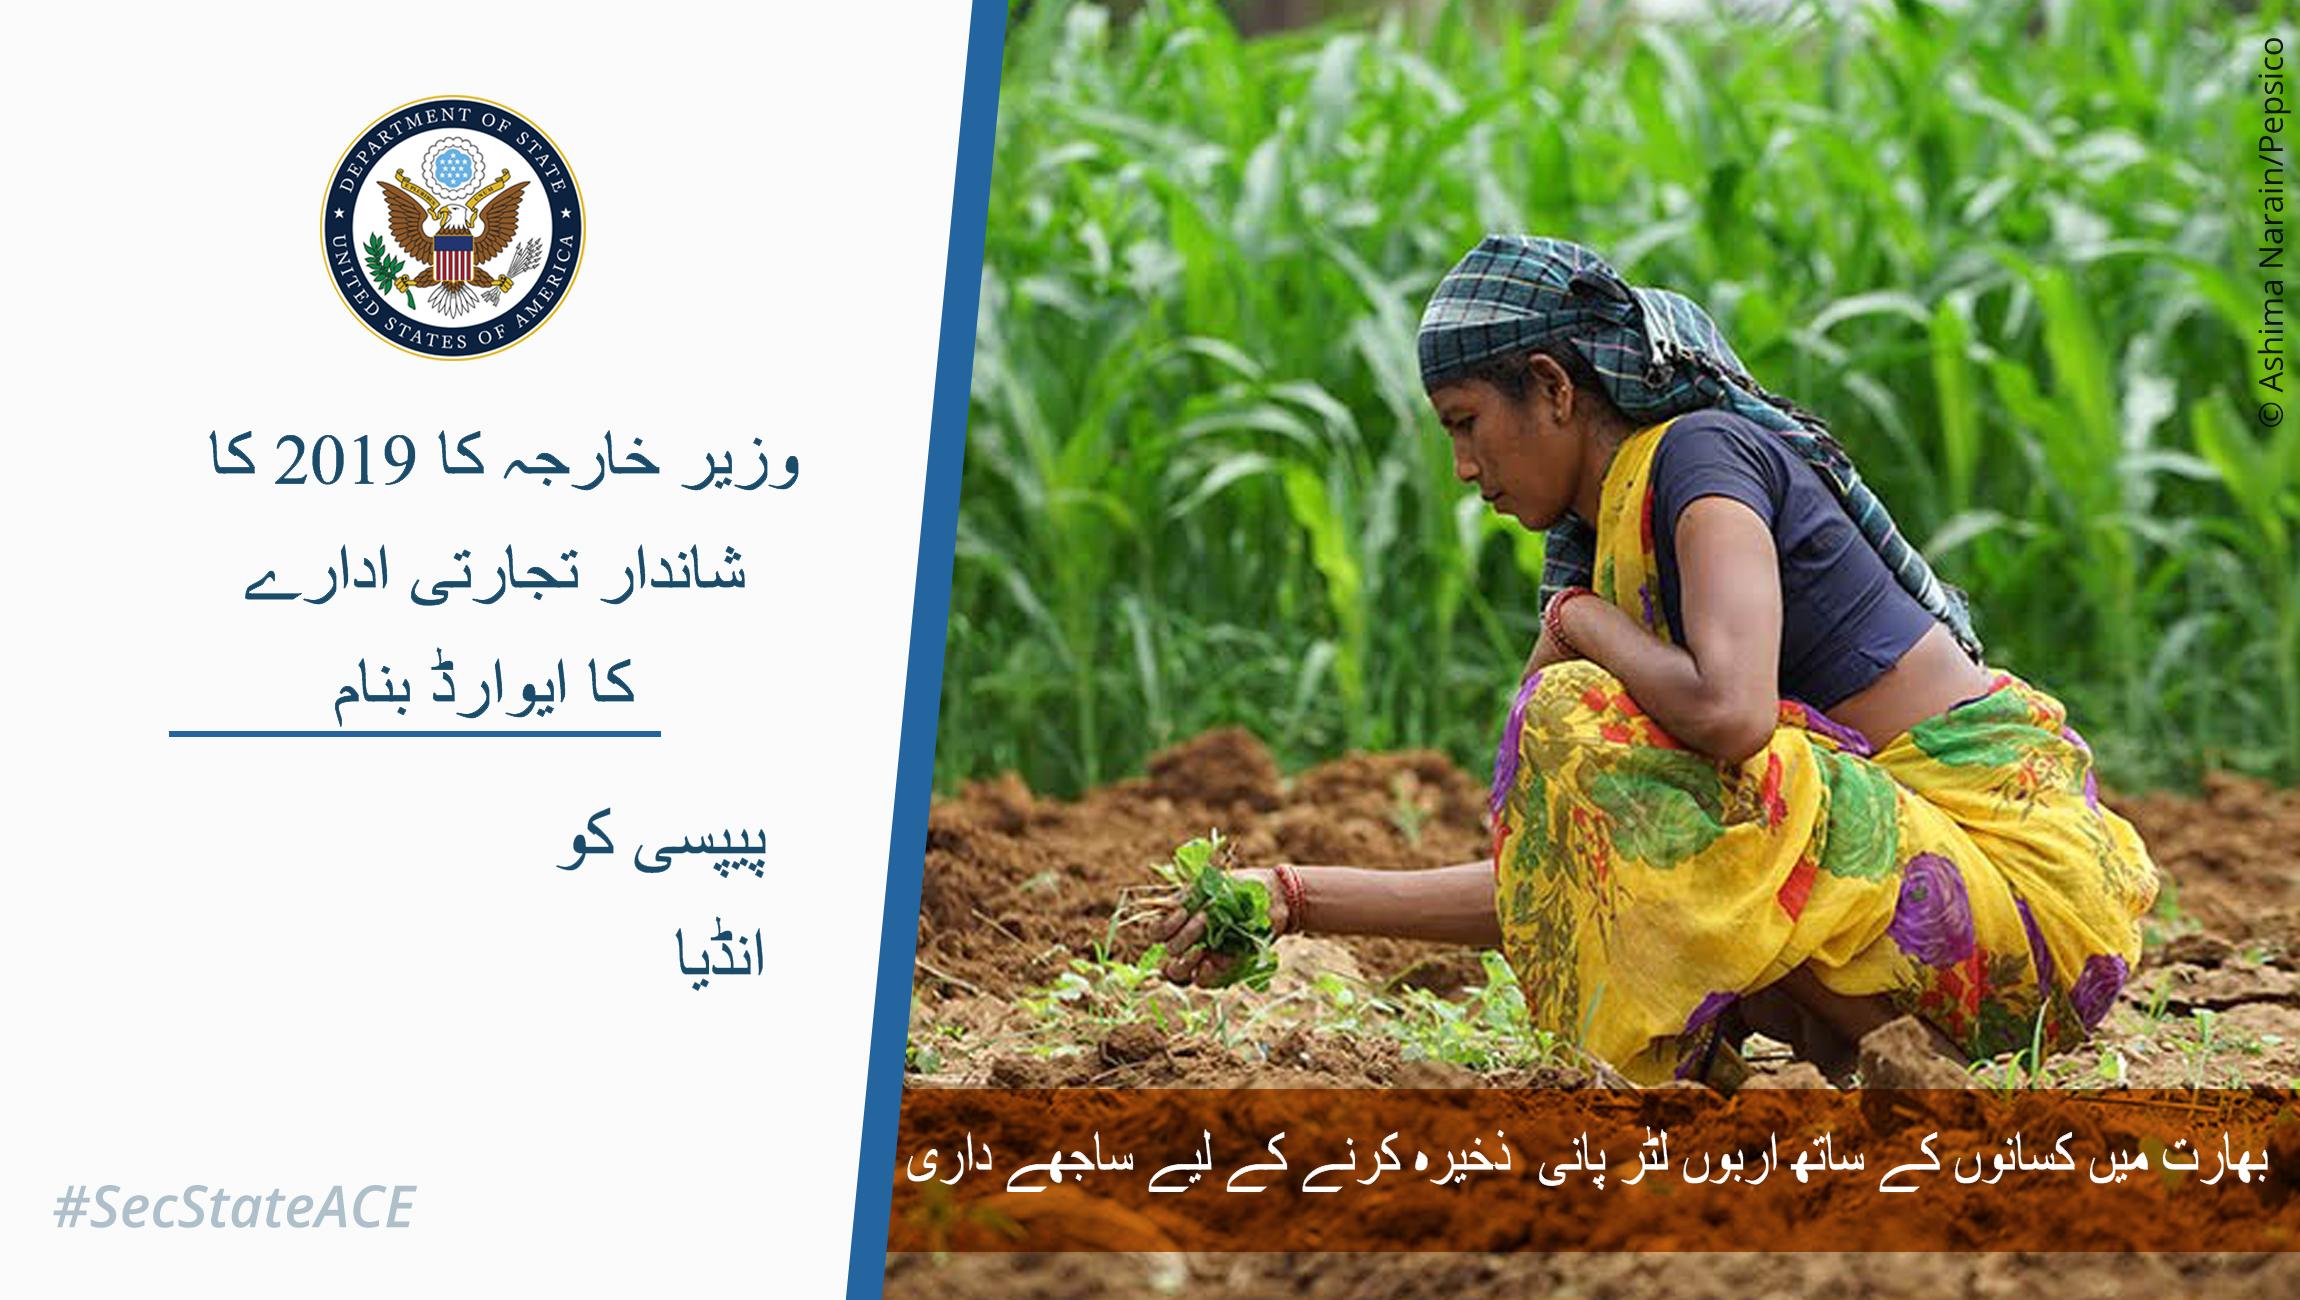 کھیت میں بیٹھی کام کرتی ہوئی ایک عورت کی تصویر؛ محکمہ خارجہ کے شاندار تجارتی ادارے کے ایوارڈ پر رقم تحریر۔ (© Ashima Narain/Pepsico)